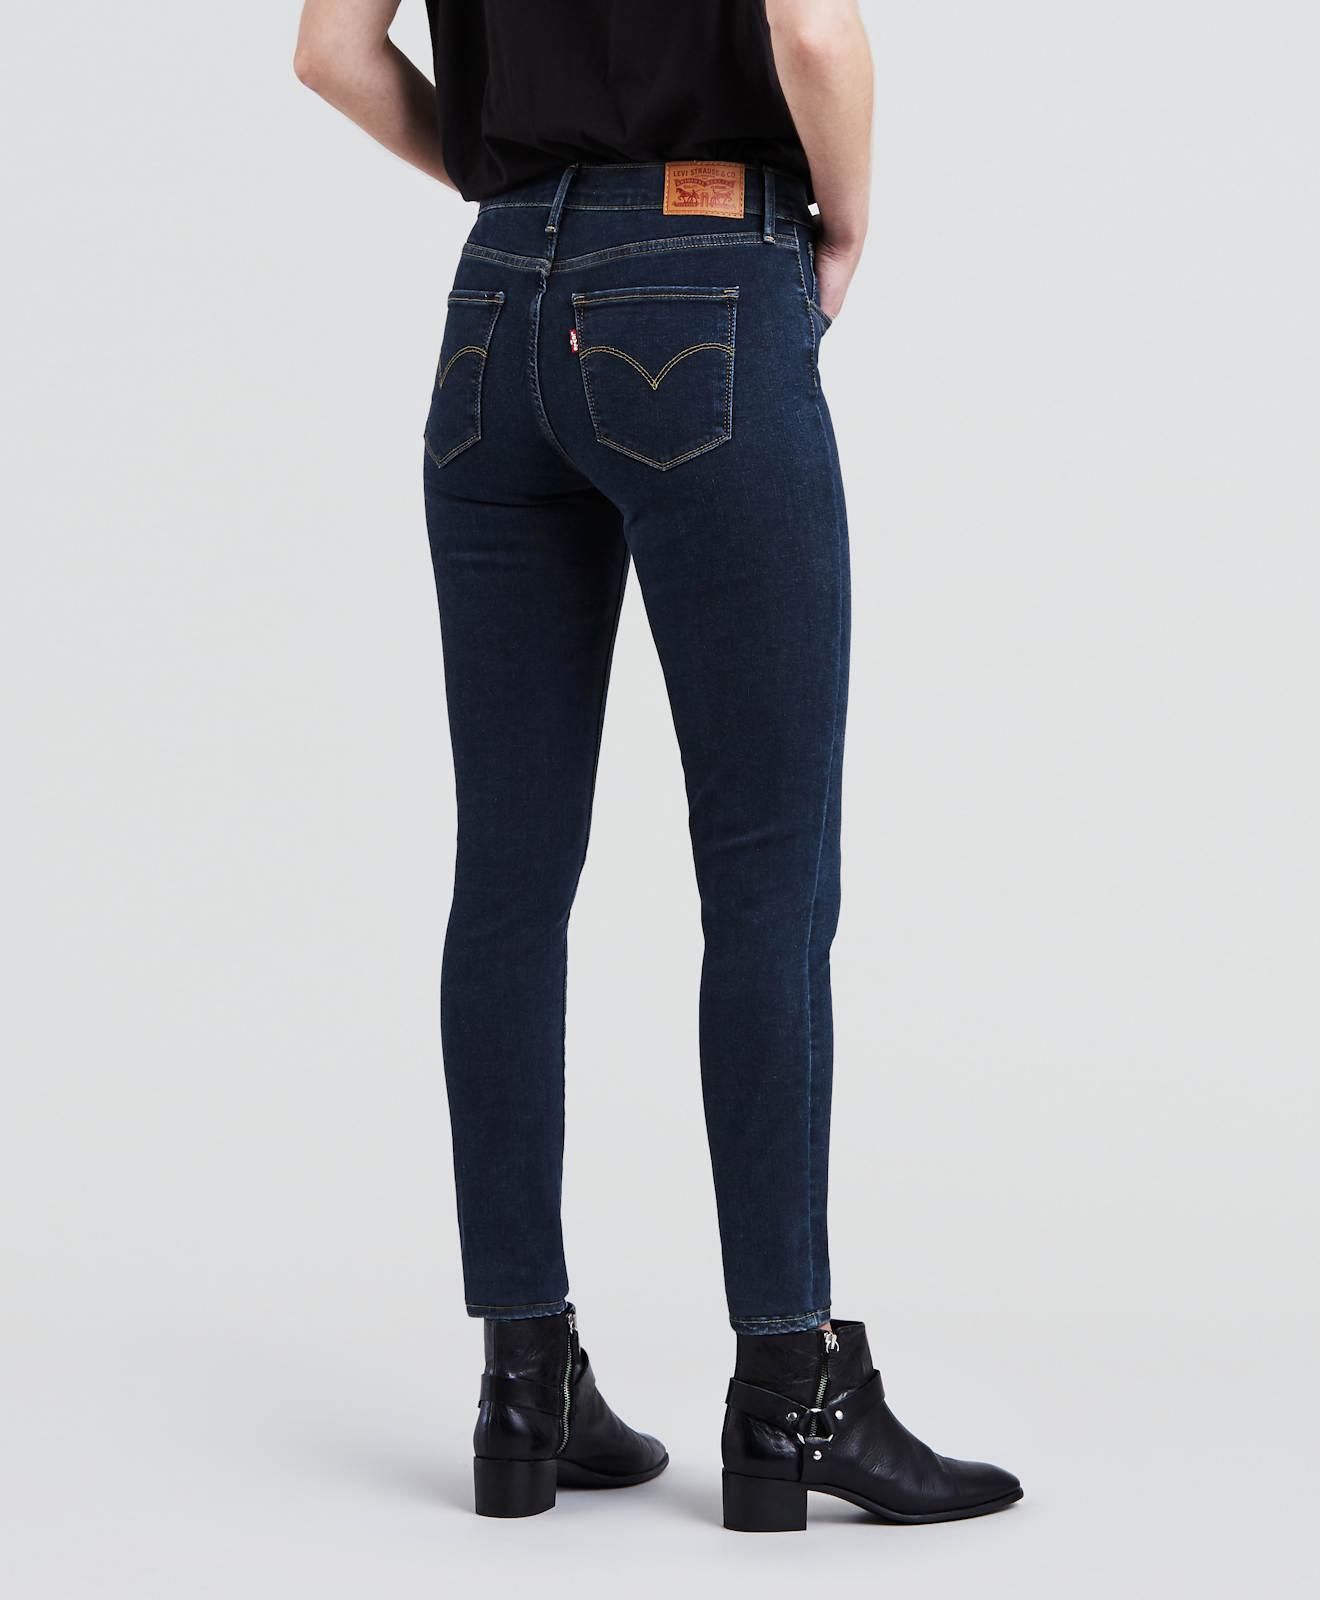 Jeans Vita Super 720 Essential Neu Damen Skinny Levi's ® alta Hose Blue Bw1qap